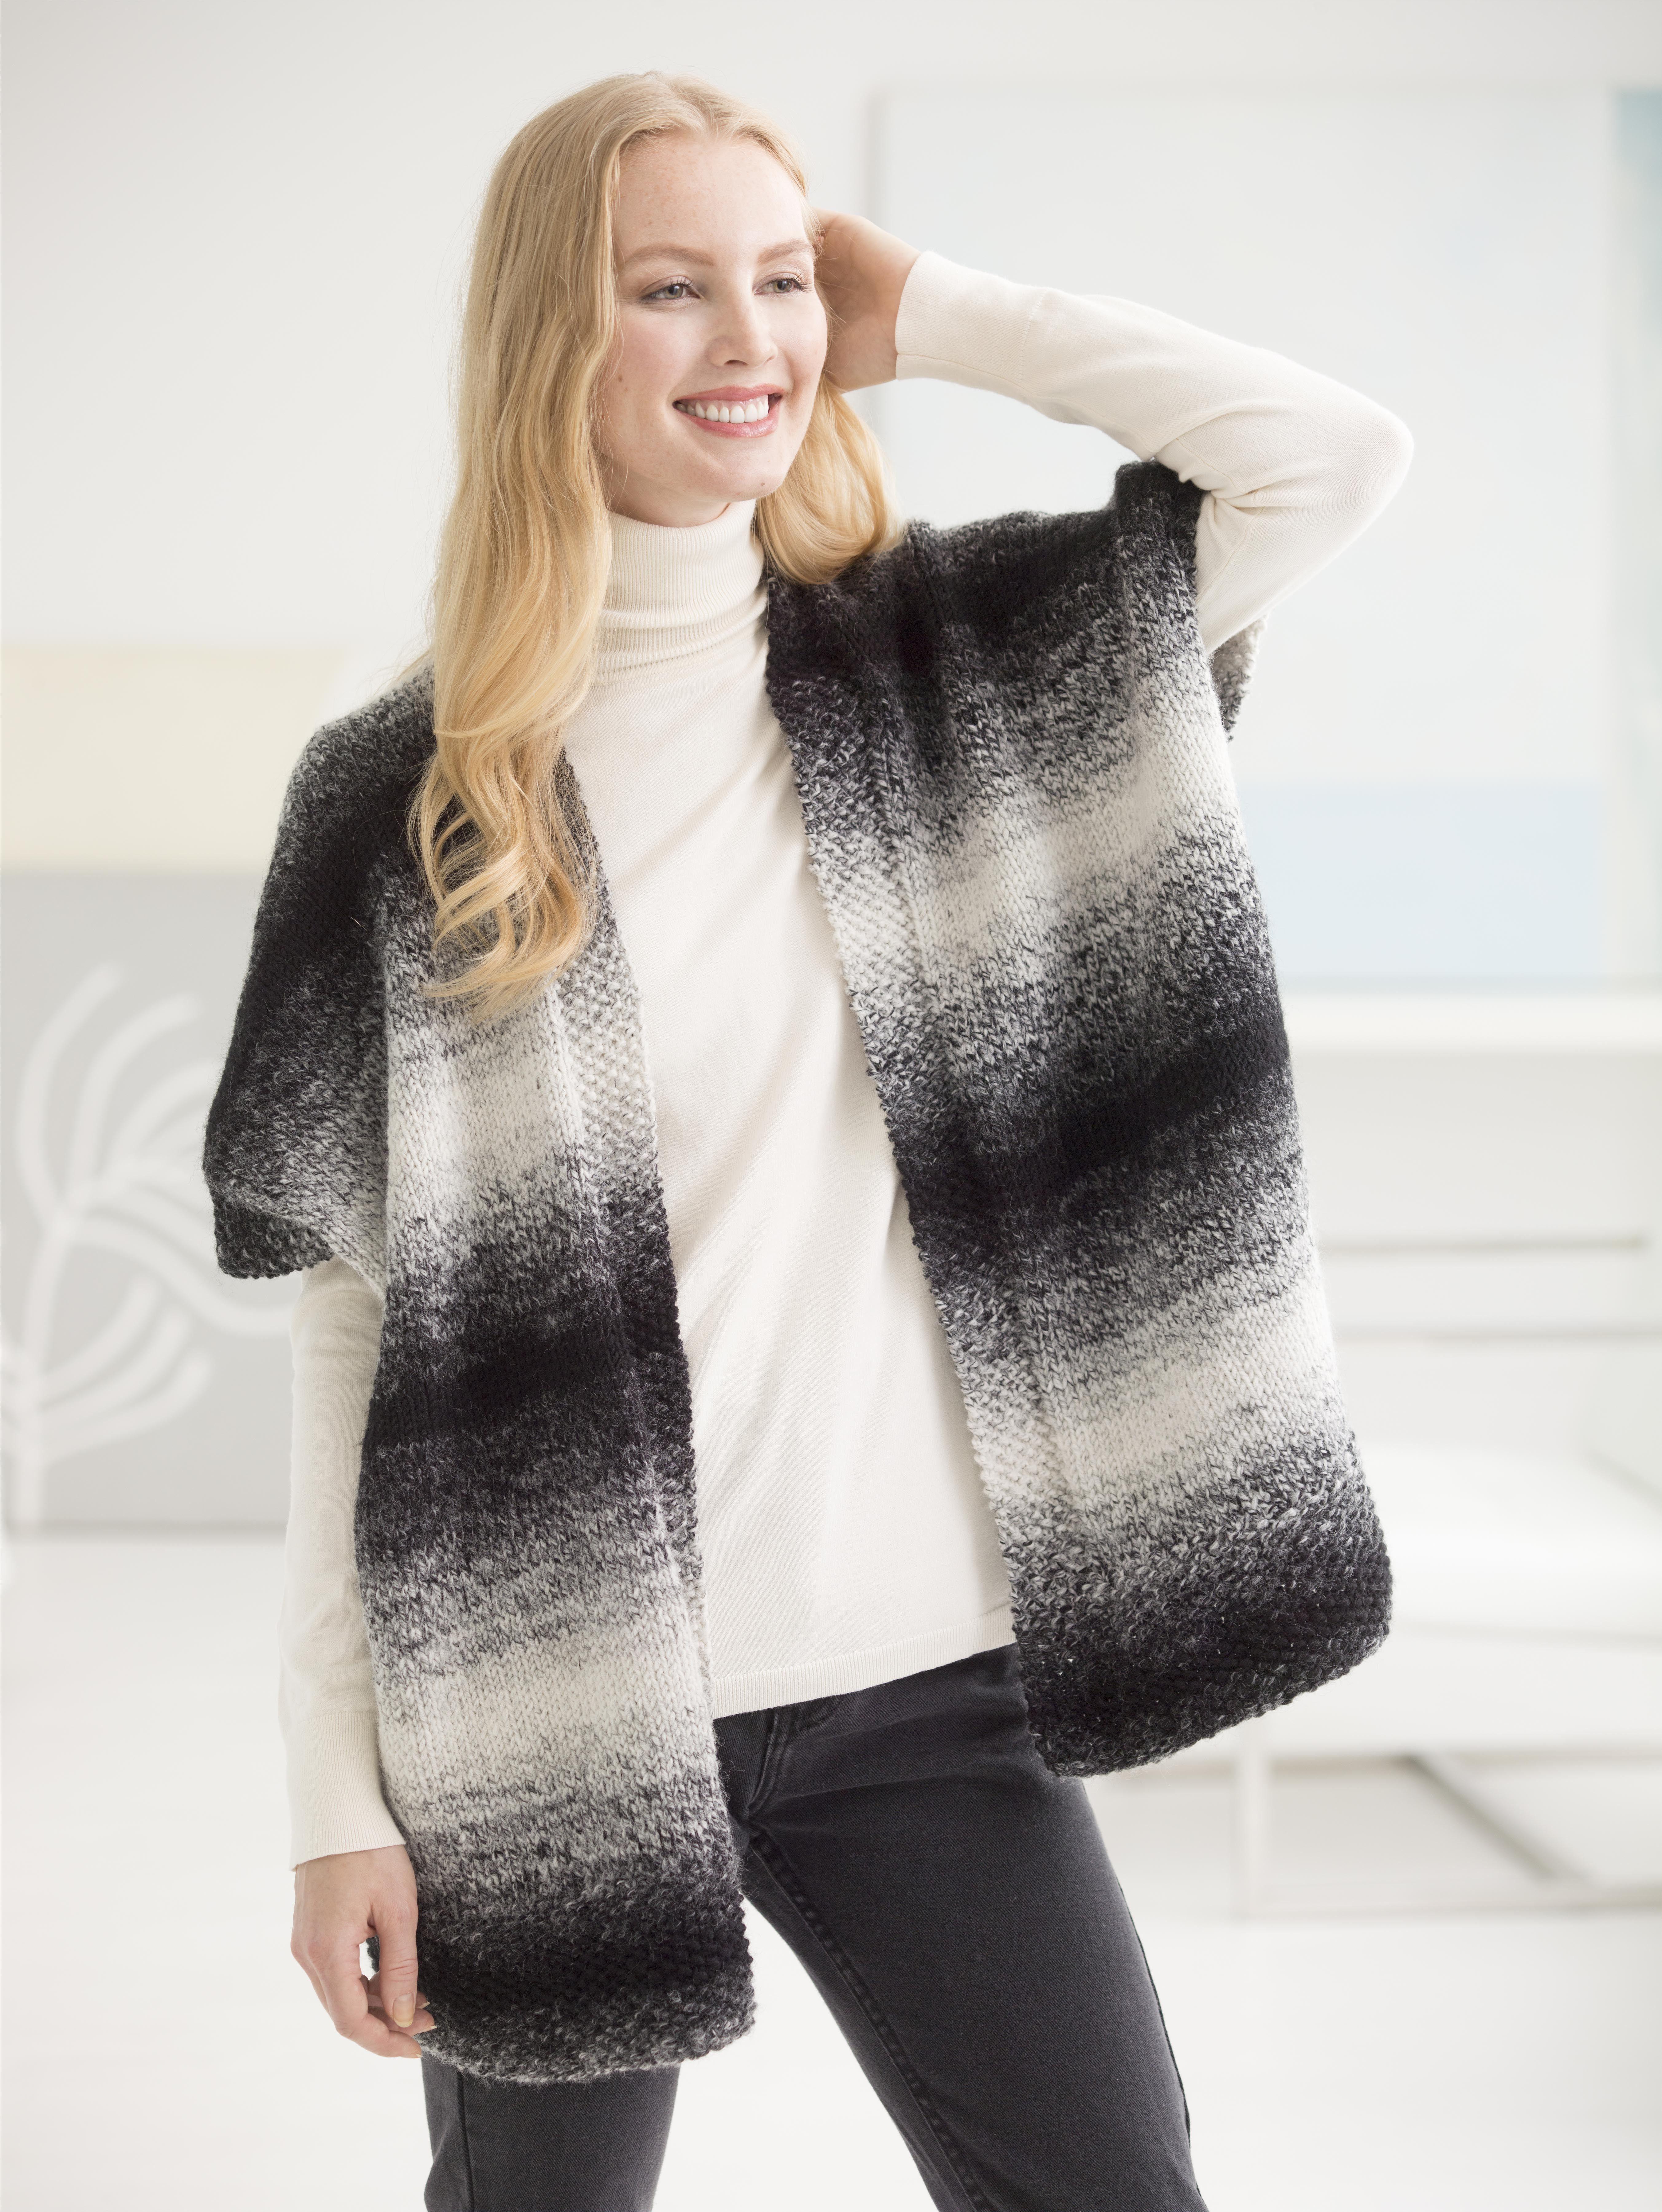 Free Spirit Topper (Knit) - Patterns - Lion Brand Yarn | scarfie ...